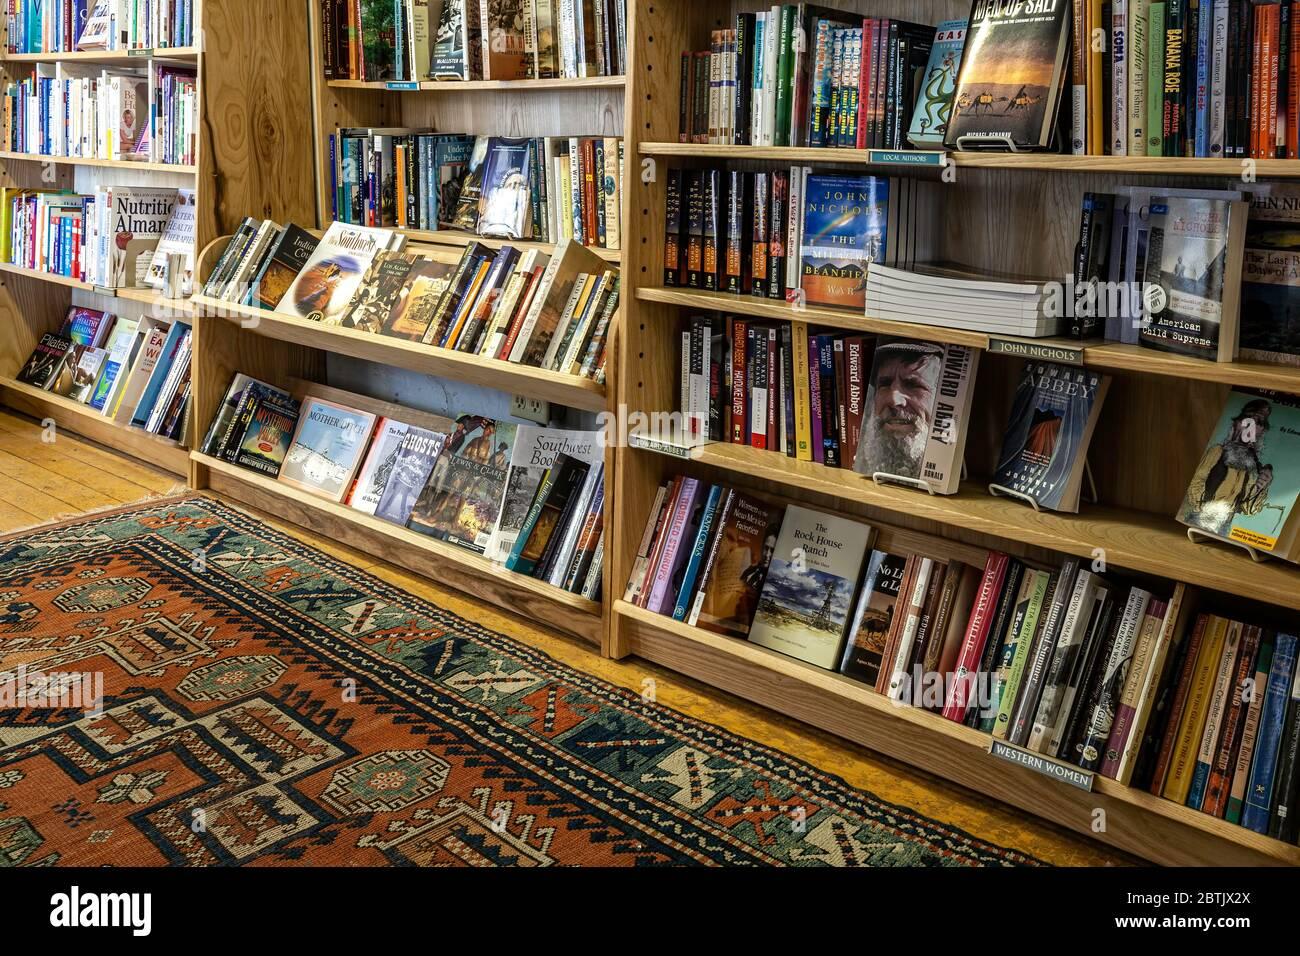 Librairies, Moby Dickens Bookstore, Taos, Nouveau-Mexique, Etats-Unis Banque D'Images